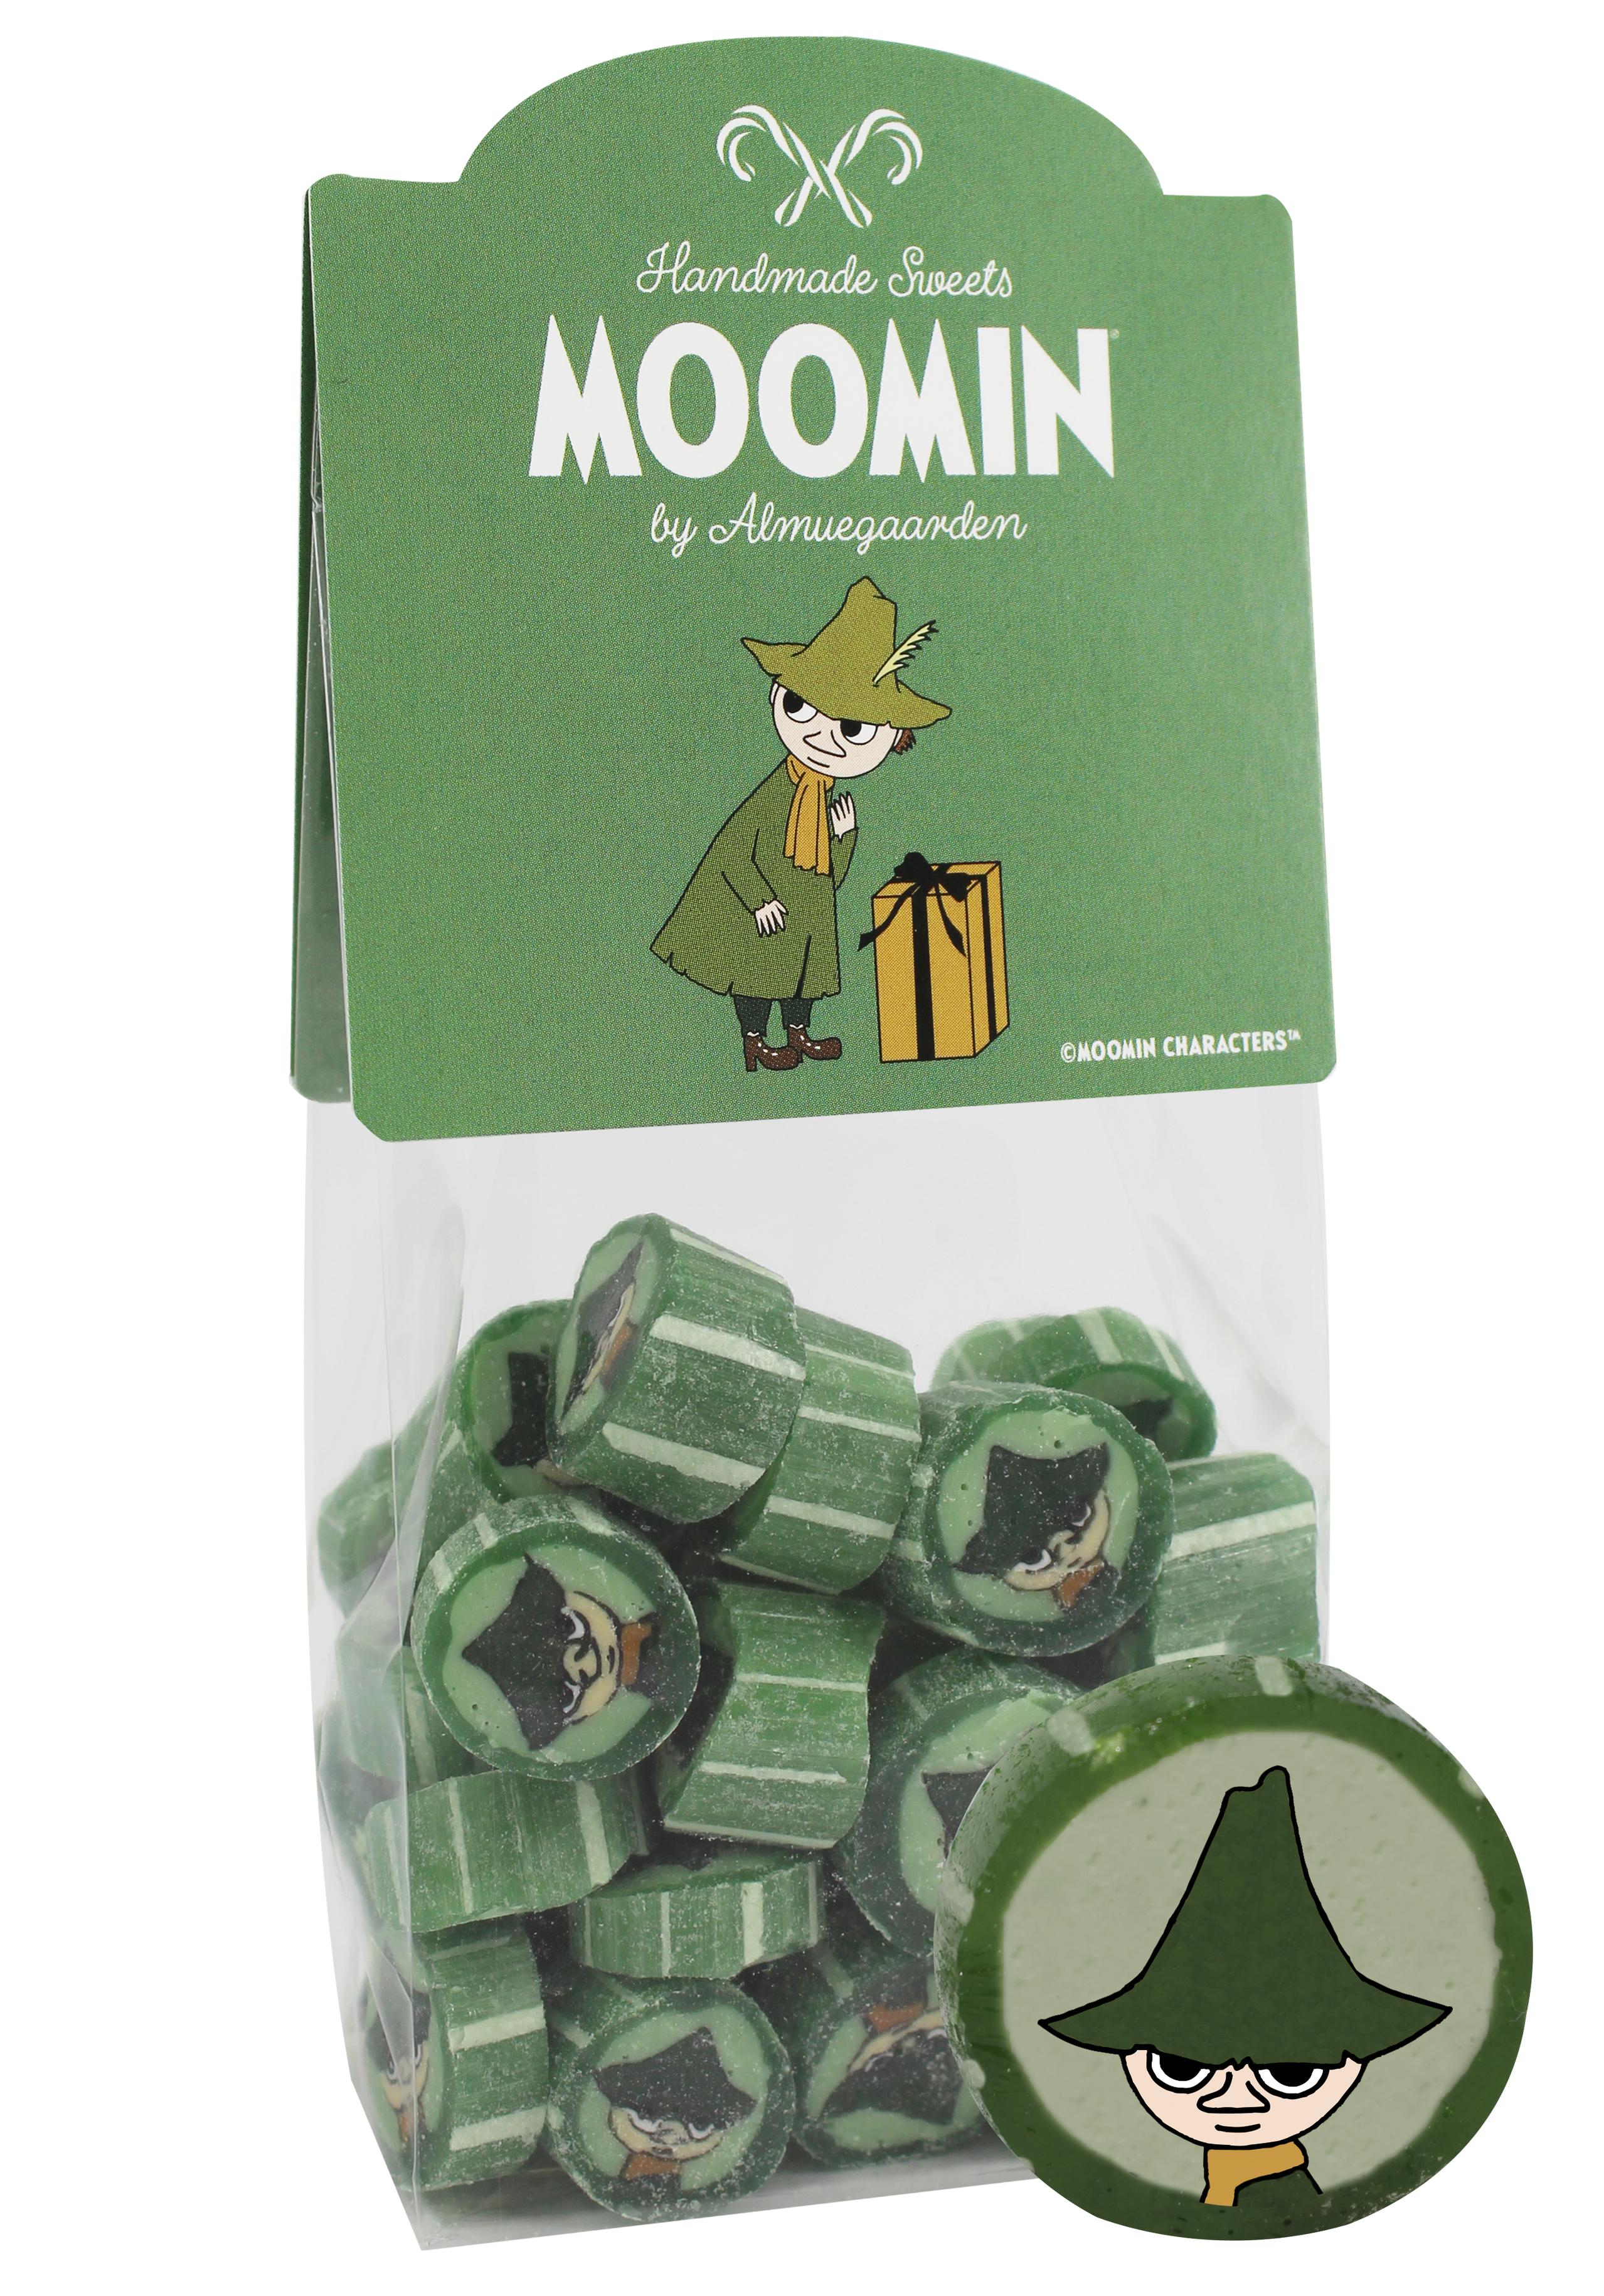 MOOMIN by Almuegaarden - Snufkin Sweets